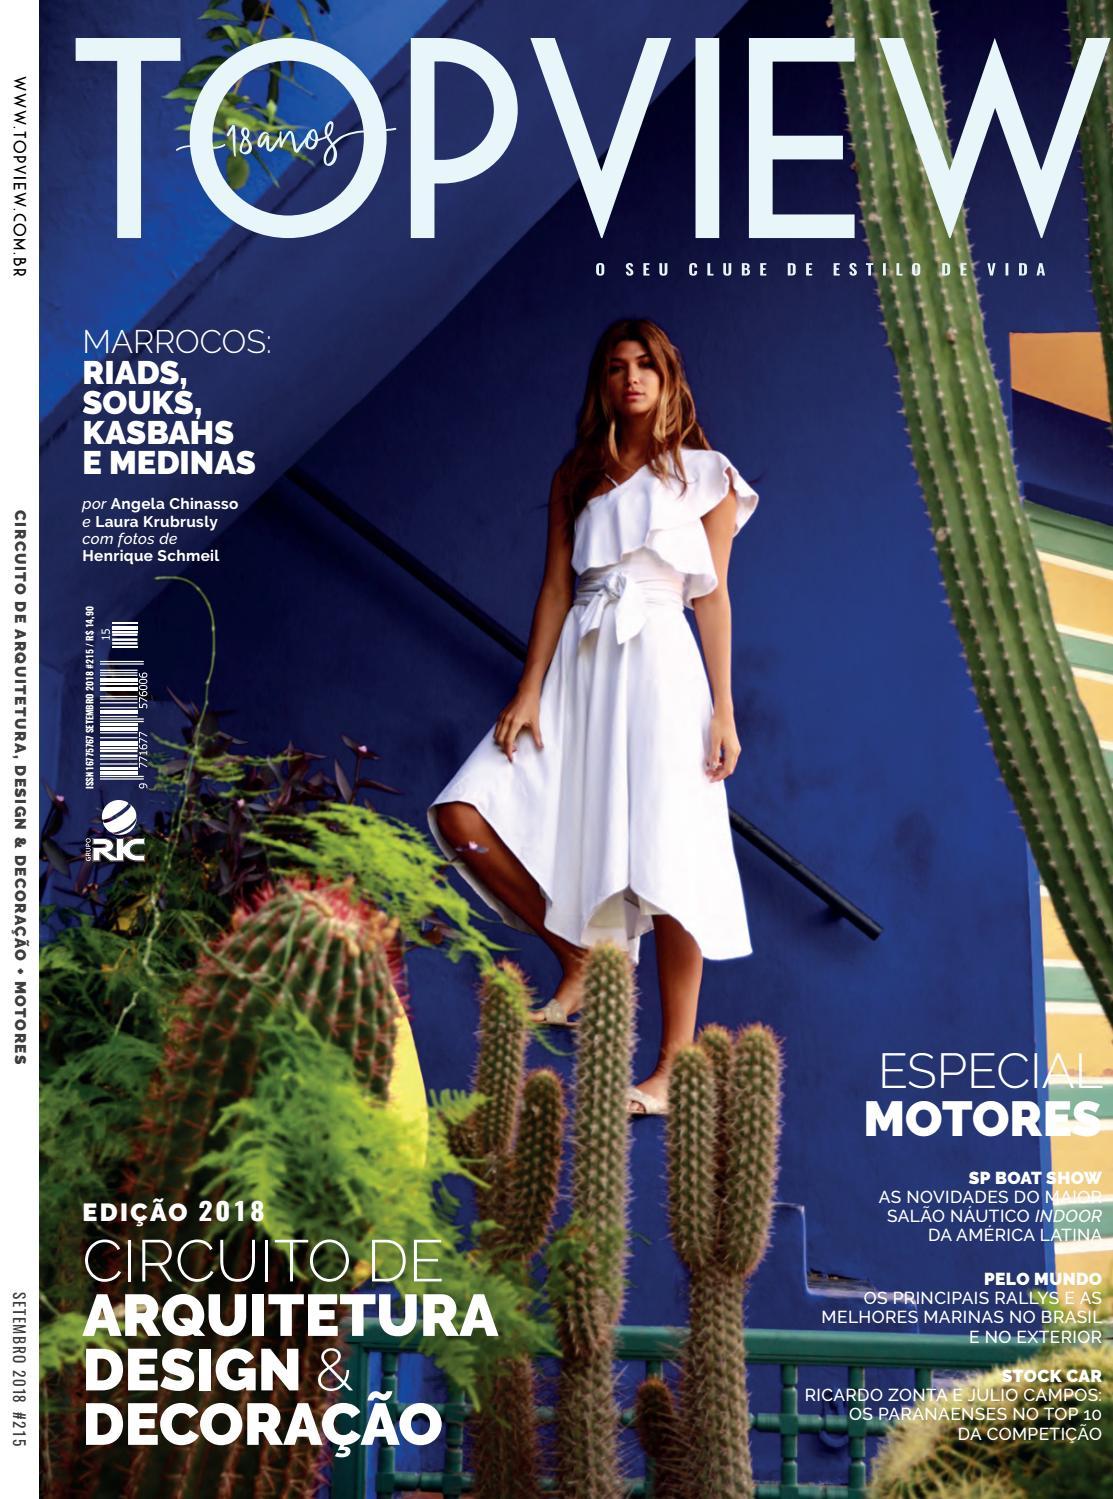 TOPVIEW 215 - Circuito TOPVIEW de Arquitetura, Design   Decoração by  TOPVIEW - issuu 346c9d695d